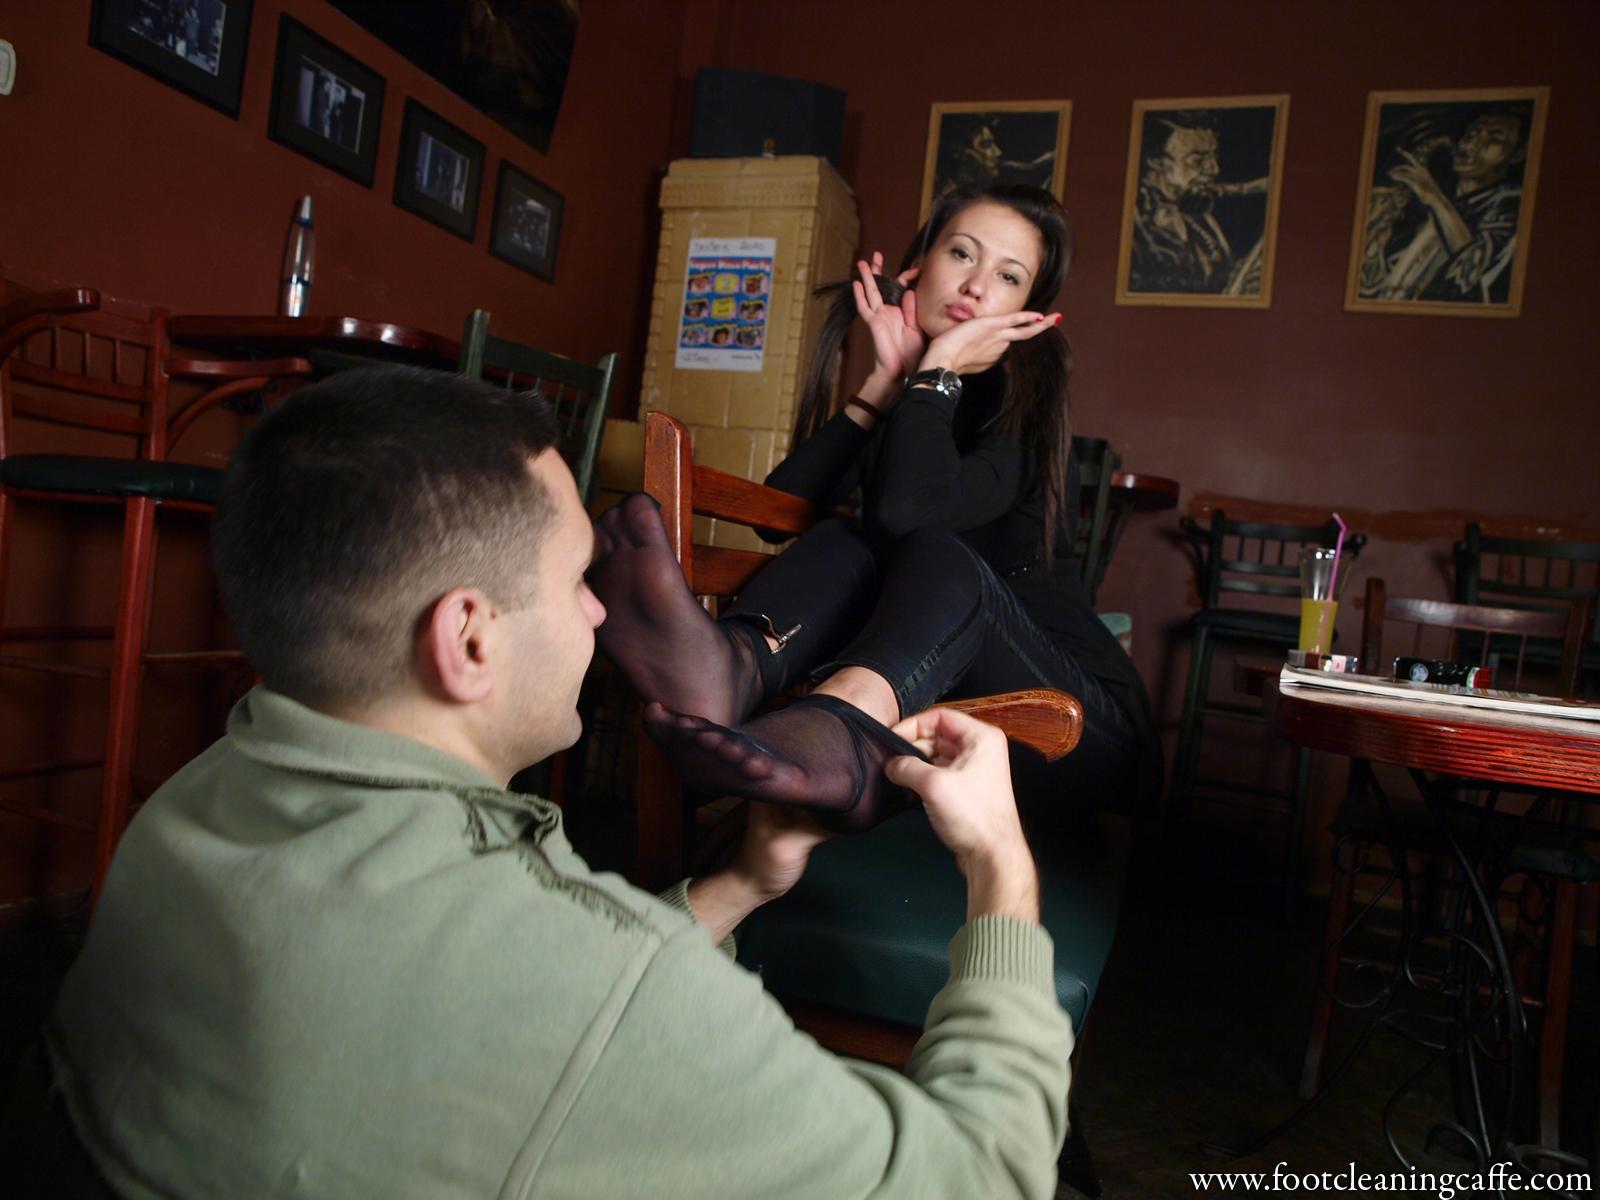 Целовать ножки жены, а ваши мужчины целуют вам ноги? страница 4 3 фотография